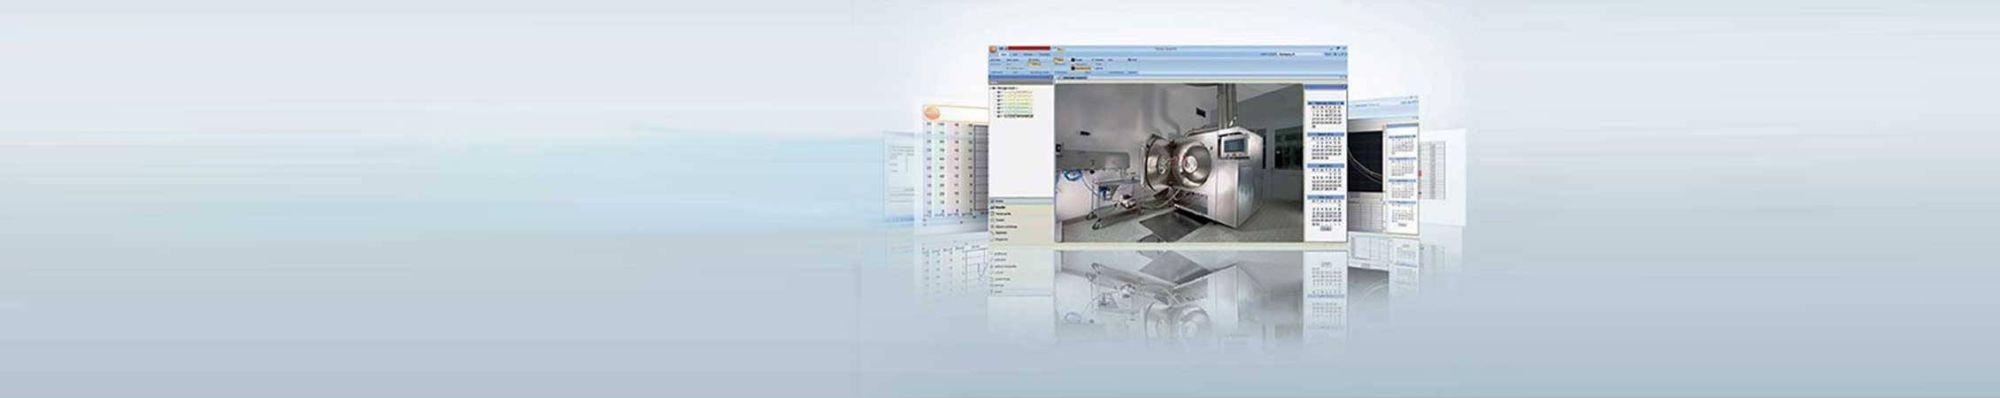 医薬品業界の <br /><strong>ER/ES指針や  </strong><br />監査証跡に対応